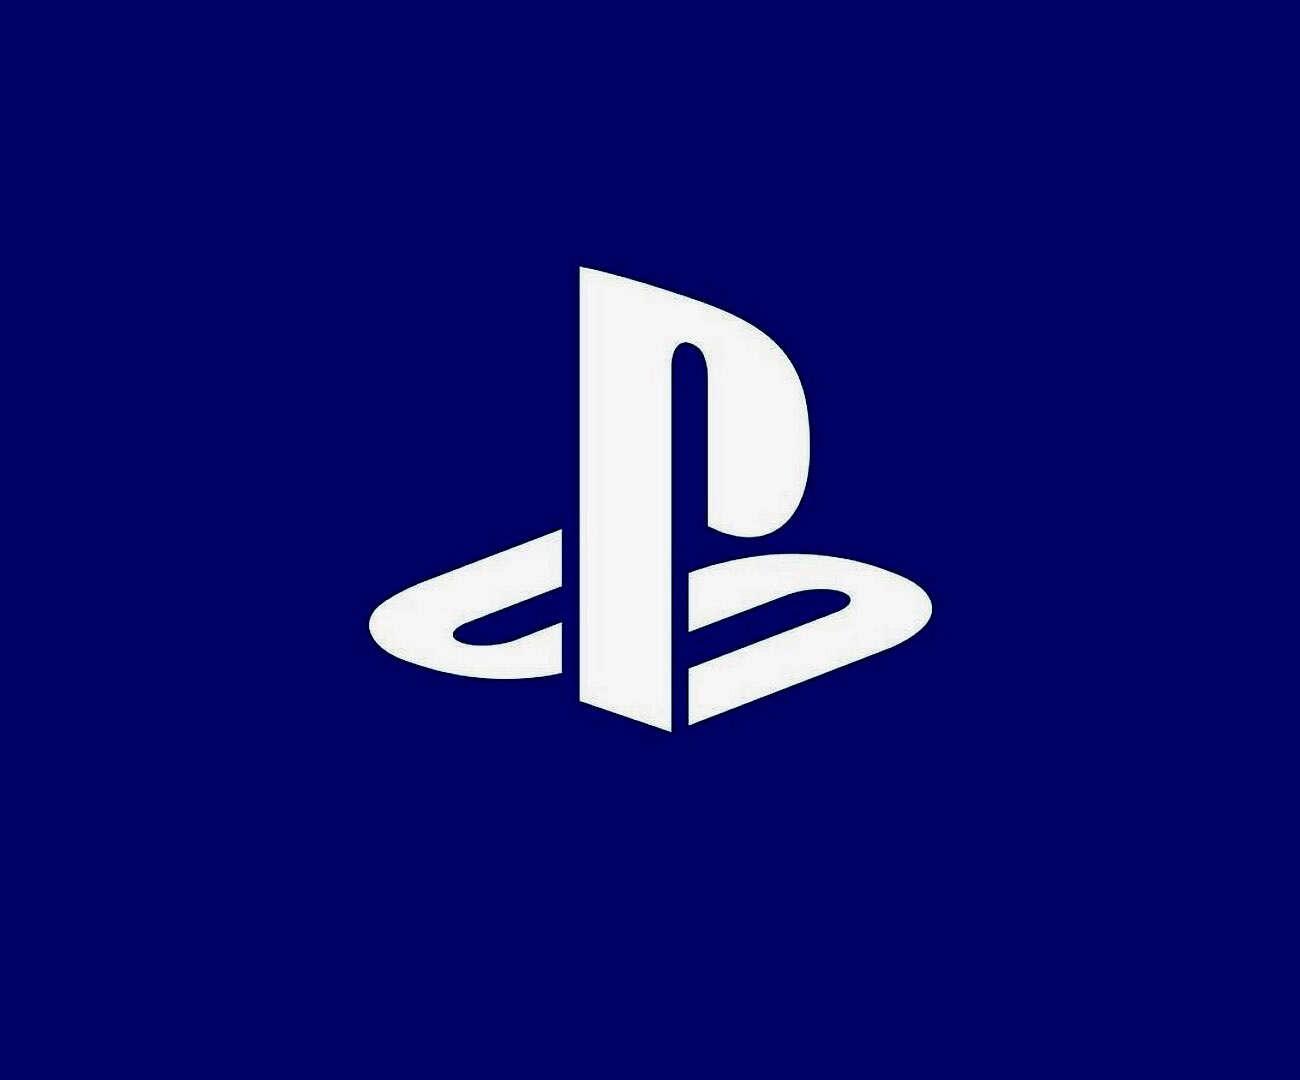 One Sony. Tajemniczy program Sony, z którego powstanie 10 filmów i seriali na podstawie gier